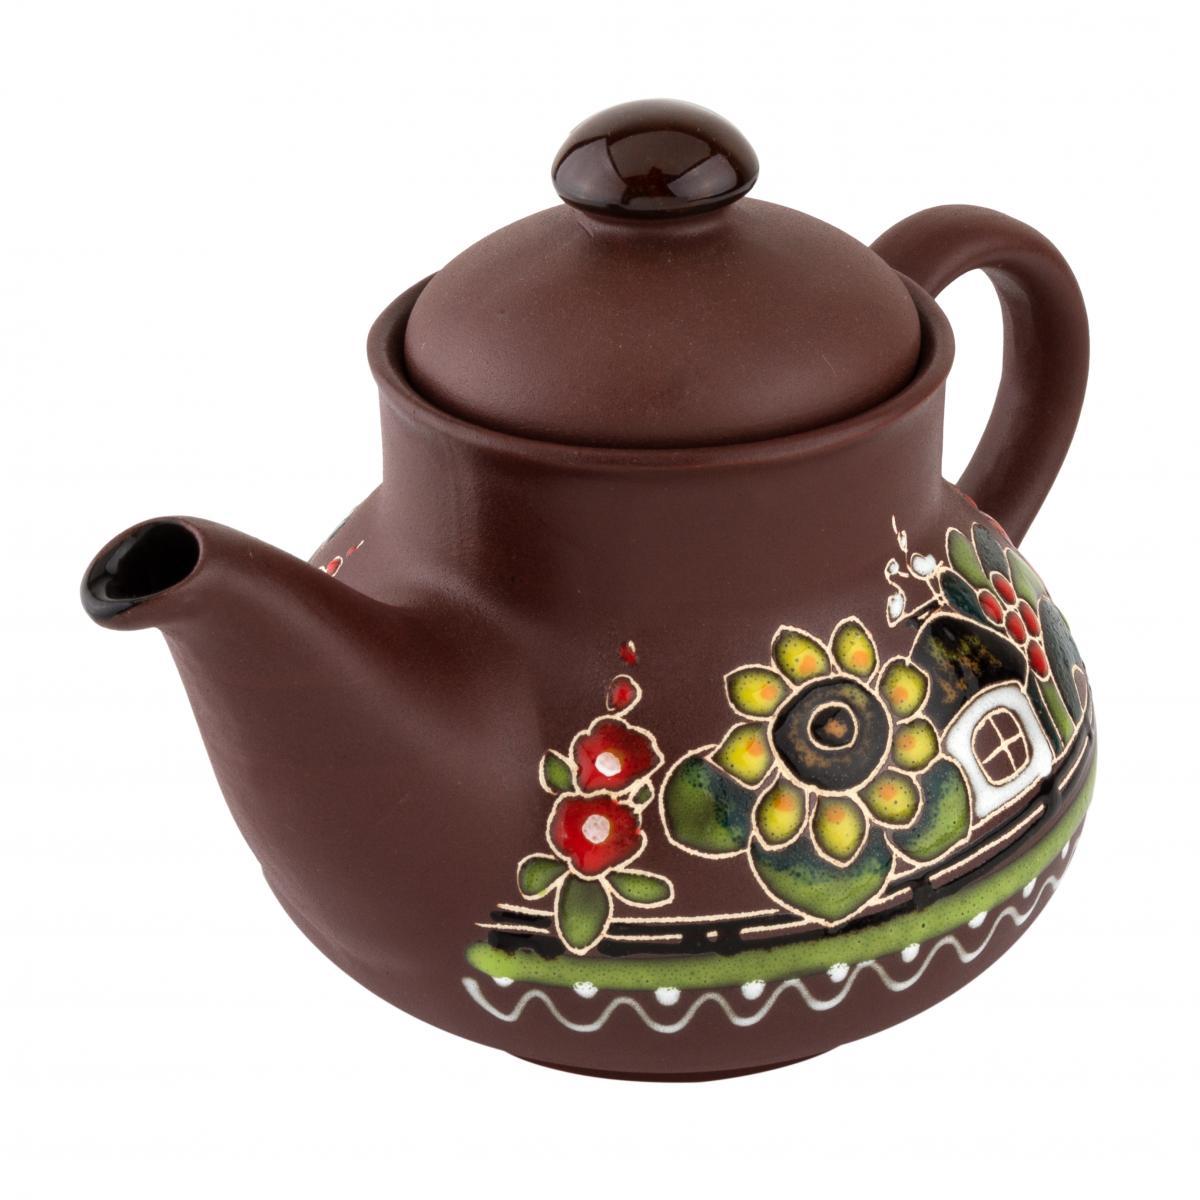 Керамічний чайник Хуторок 0.7 л. Фото №2. | Народний дім Україна